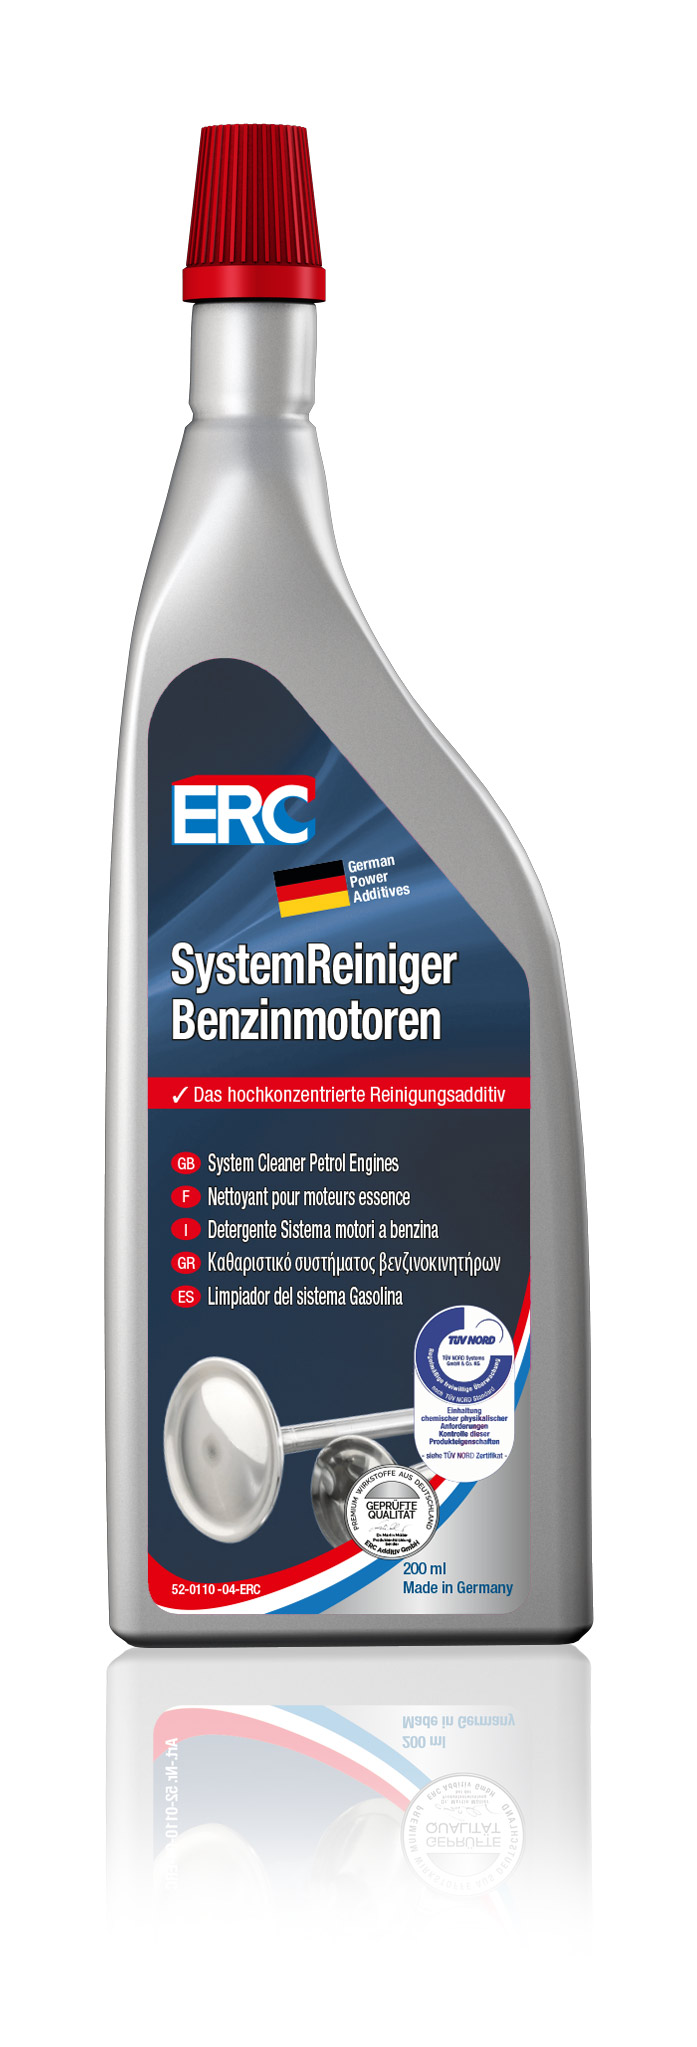 10 x 200 ml ERC System Reiniger Benzinmotoren Benzin Reiniger Benzinsystemreiniger